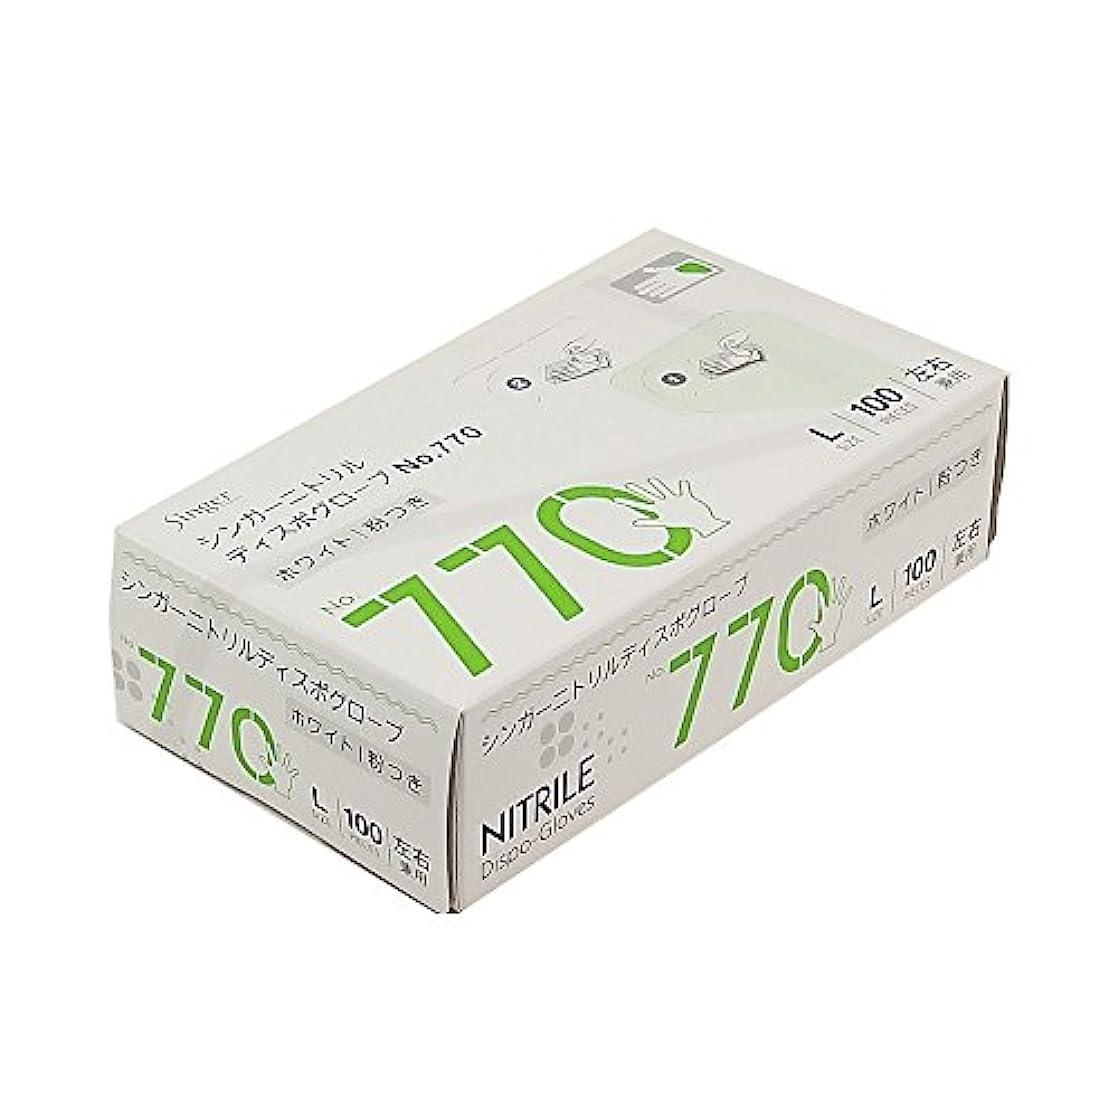 十二のみ告発者宇都宮製作 ディスポ手袋 シンガーニトリルディスポグローブ No.770 ホワイト 粉付 100枚入  L